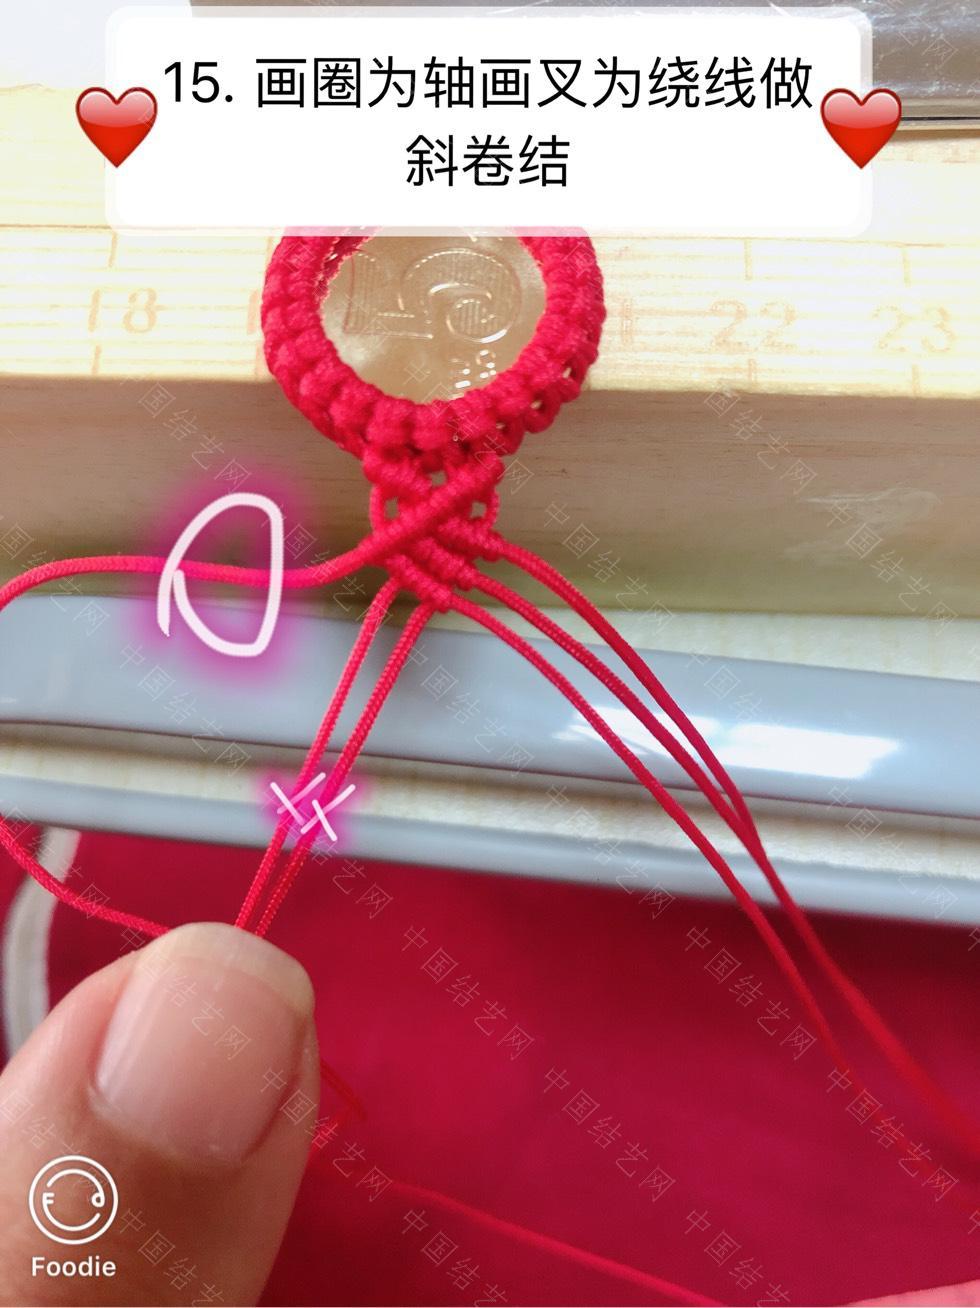 中国结论坛 五毛硬币手链(宽版)  图文教程区 185029f8rxguzie5ceoe8m